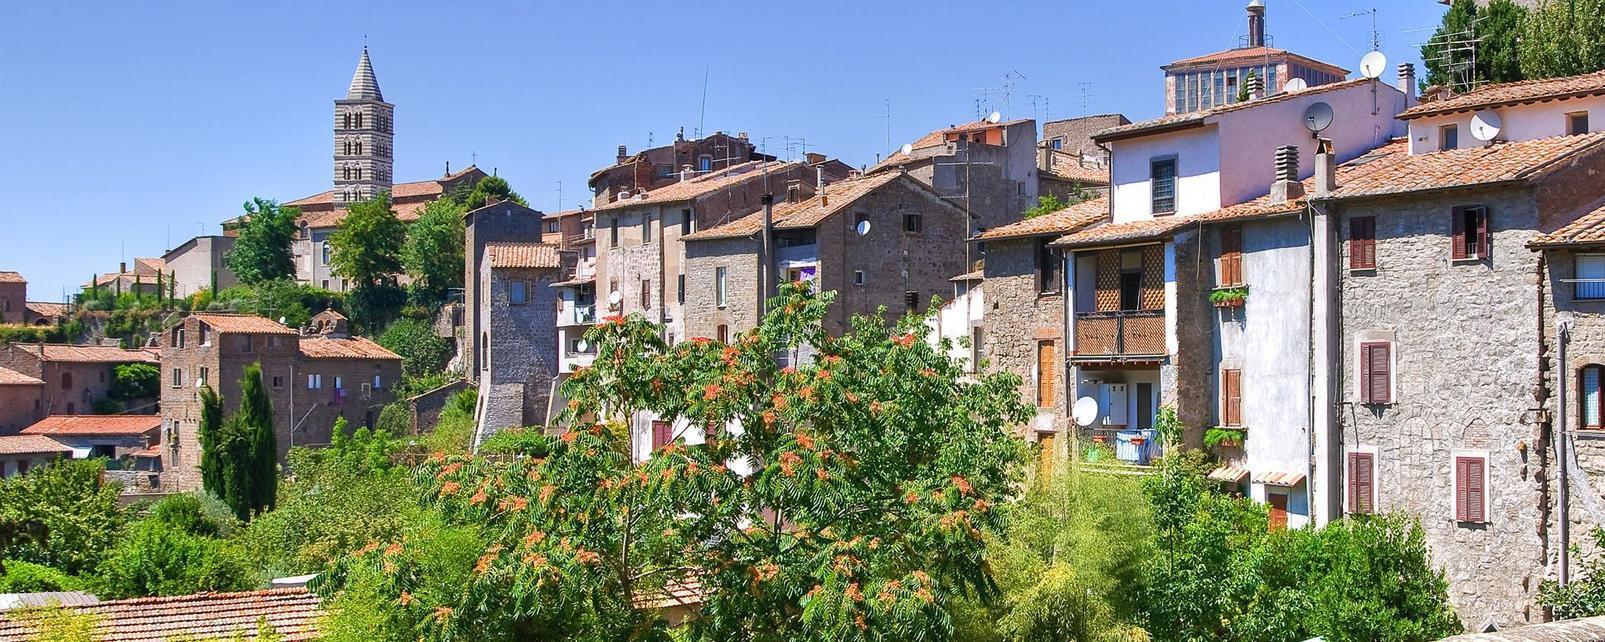 Europe; Italie; Latium; Viterbo;